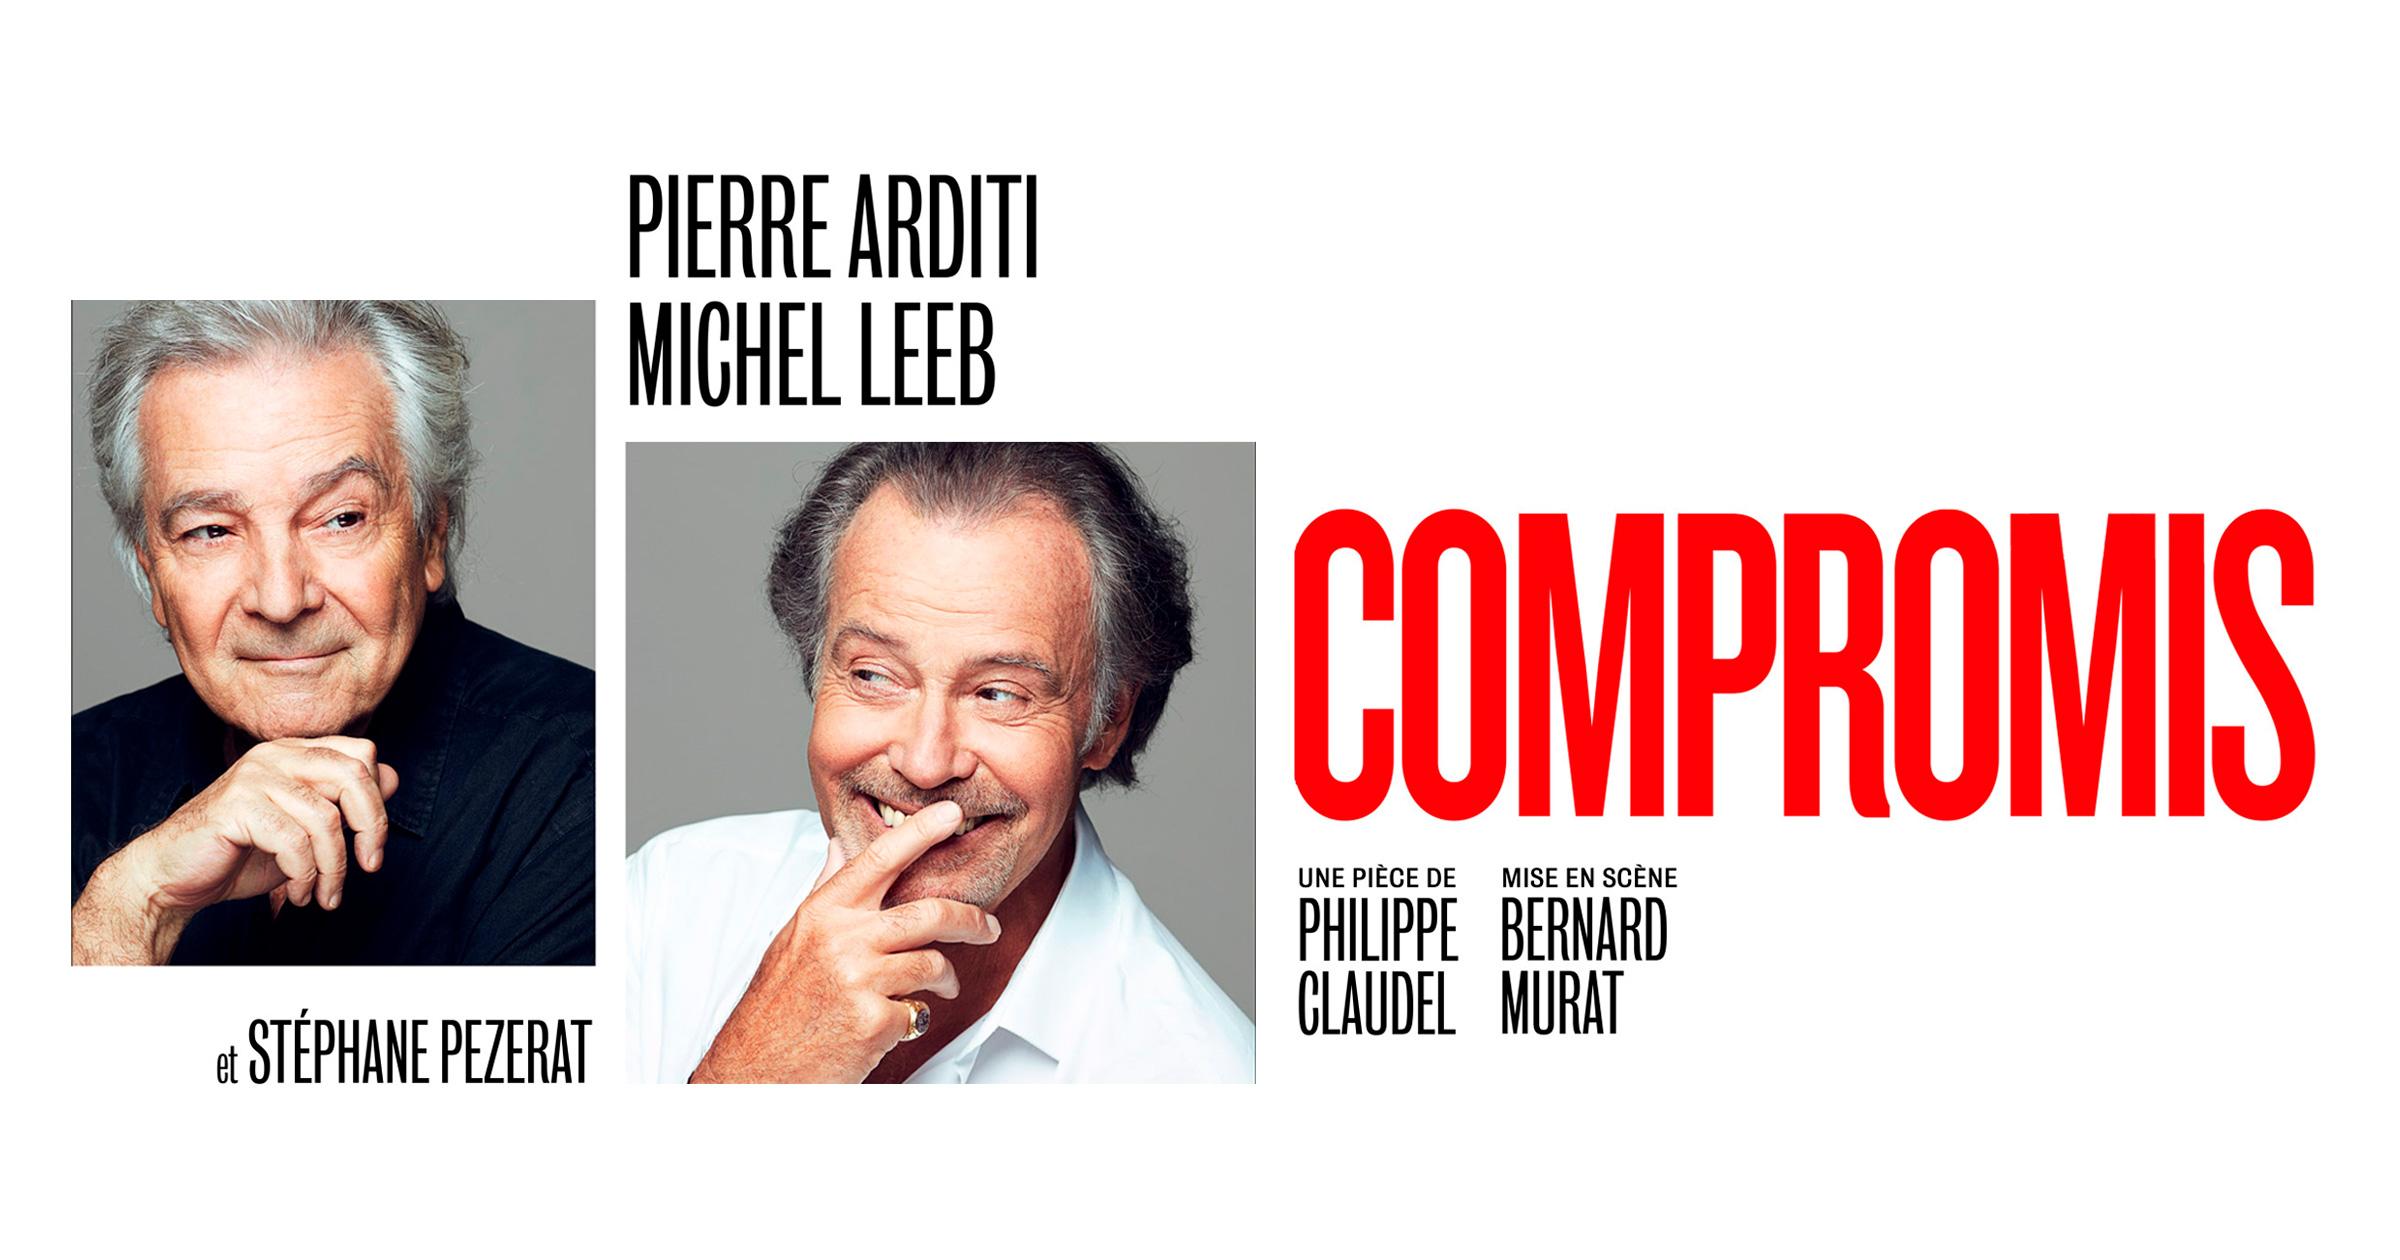 Compromis nouveau spectacle cover